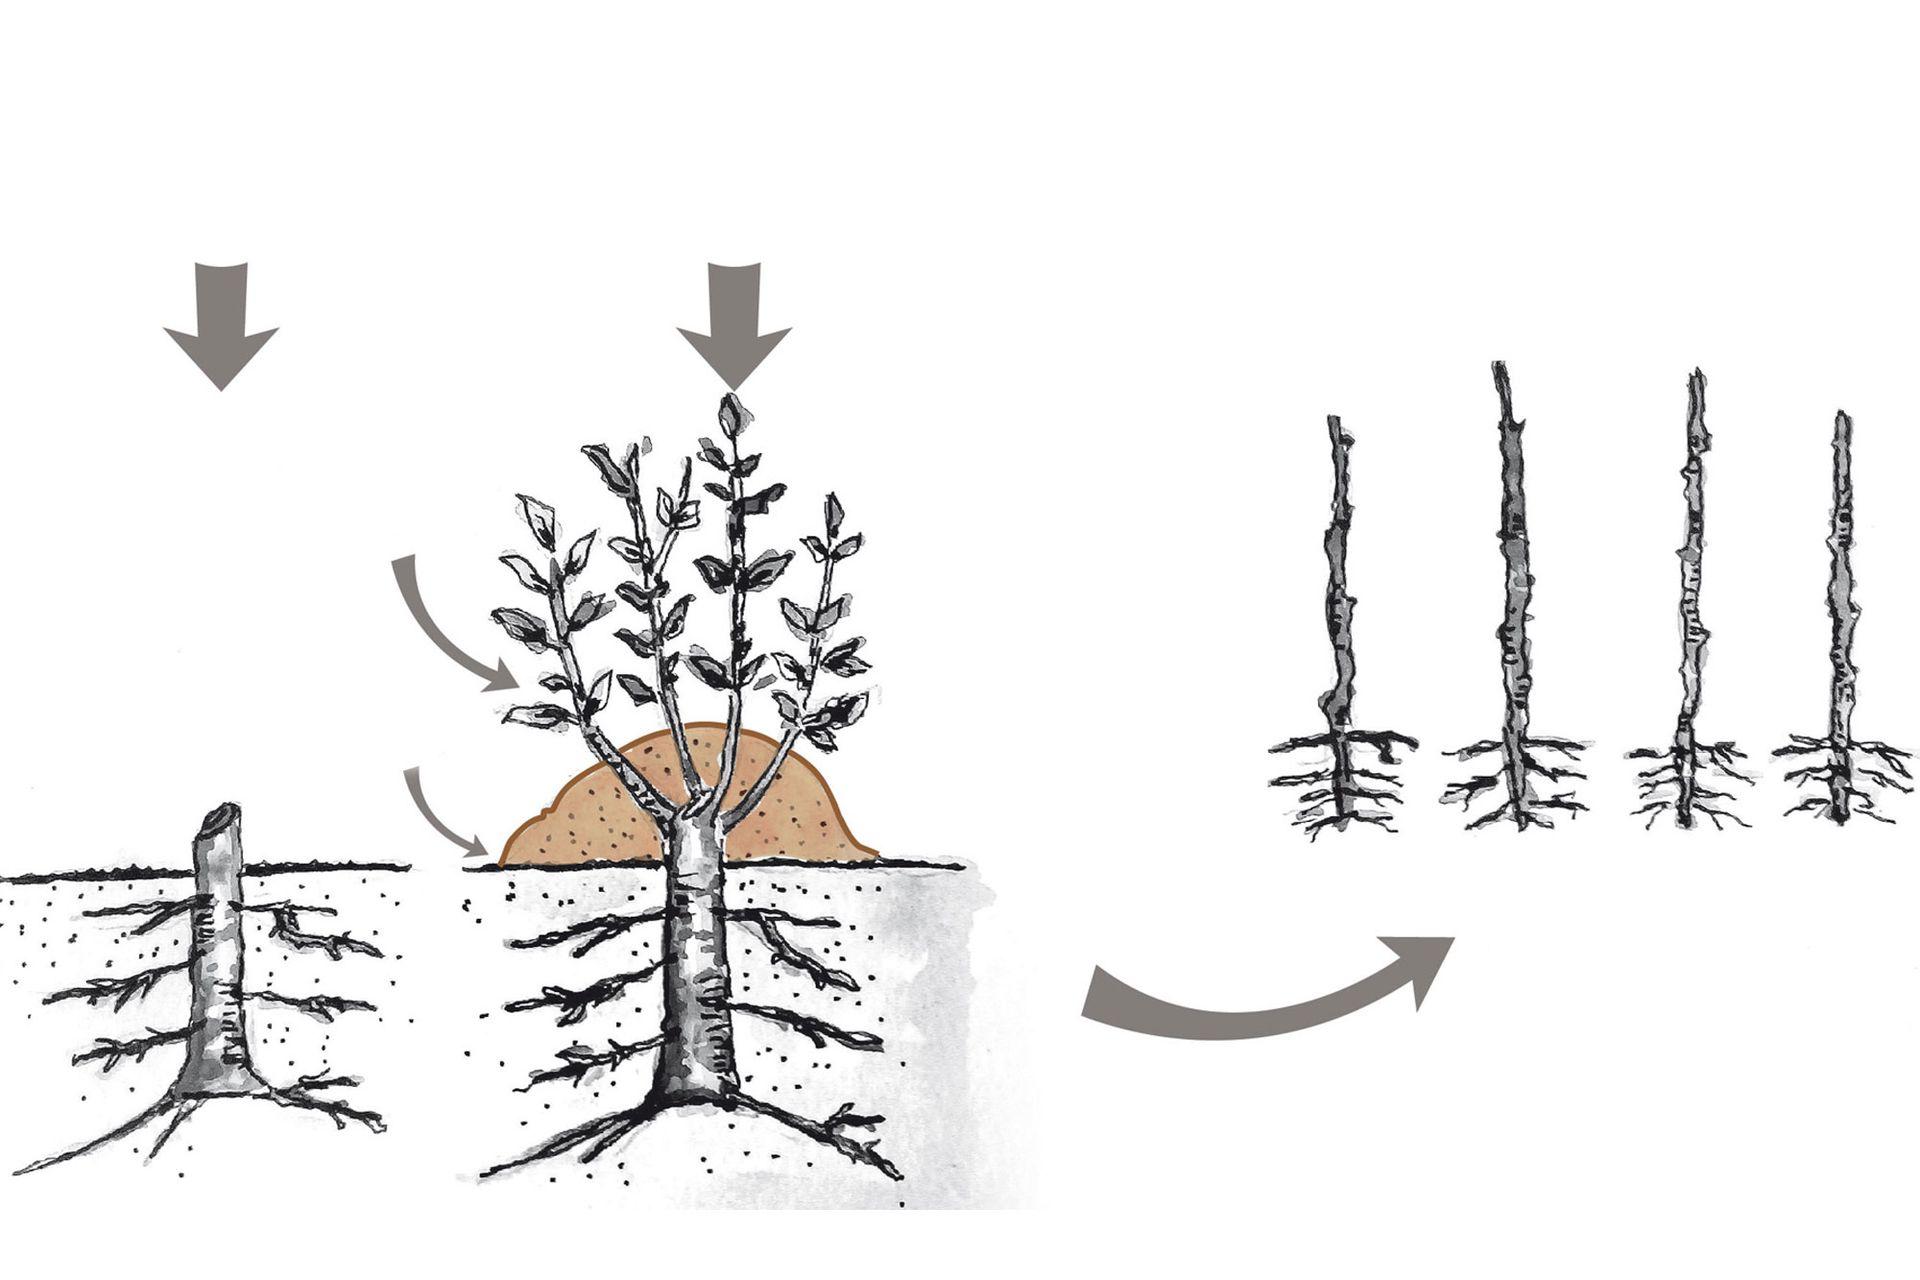 En invierno (primera figura a la izquierda), se corta la planta madre a nivel del suelo. En primavera (figura del medio), aparecen los brotes y se aporca tierra hasta la mitad. Las plantas obtenidas (tercera figura) habrán formado raíces según las condiciones en que se realizó el acodo.